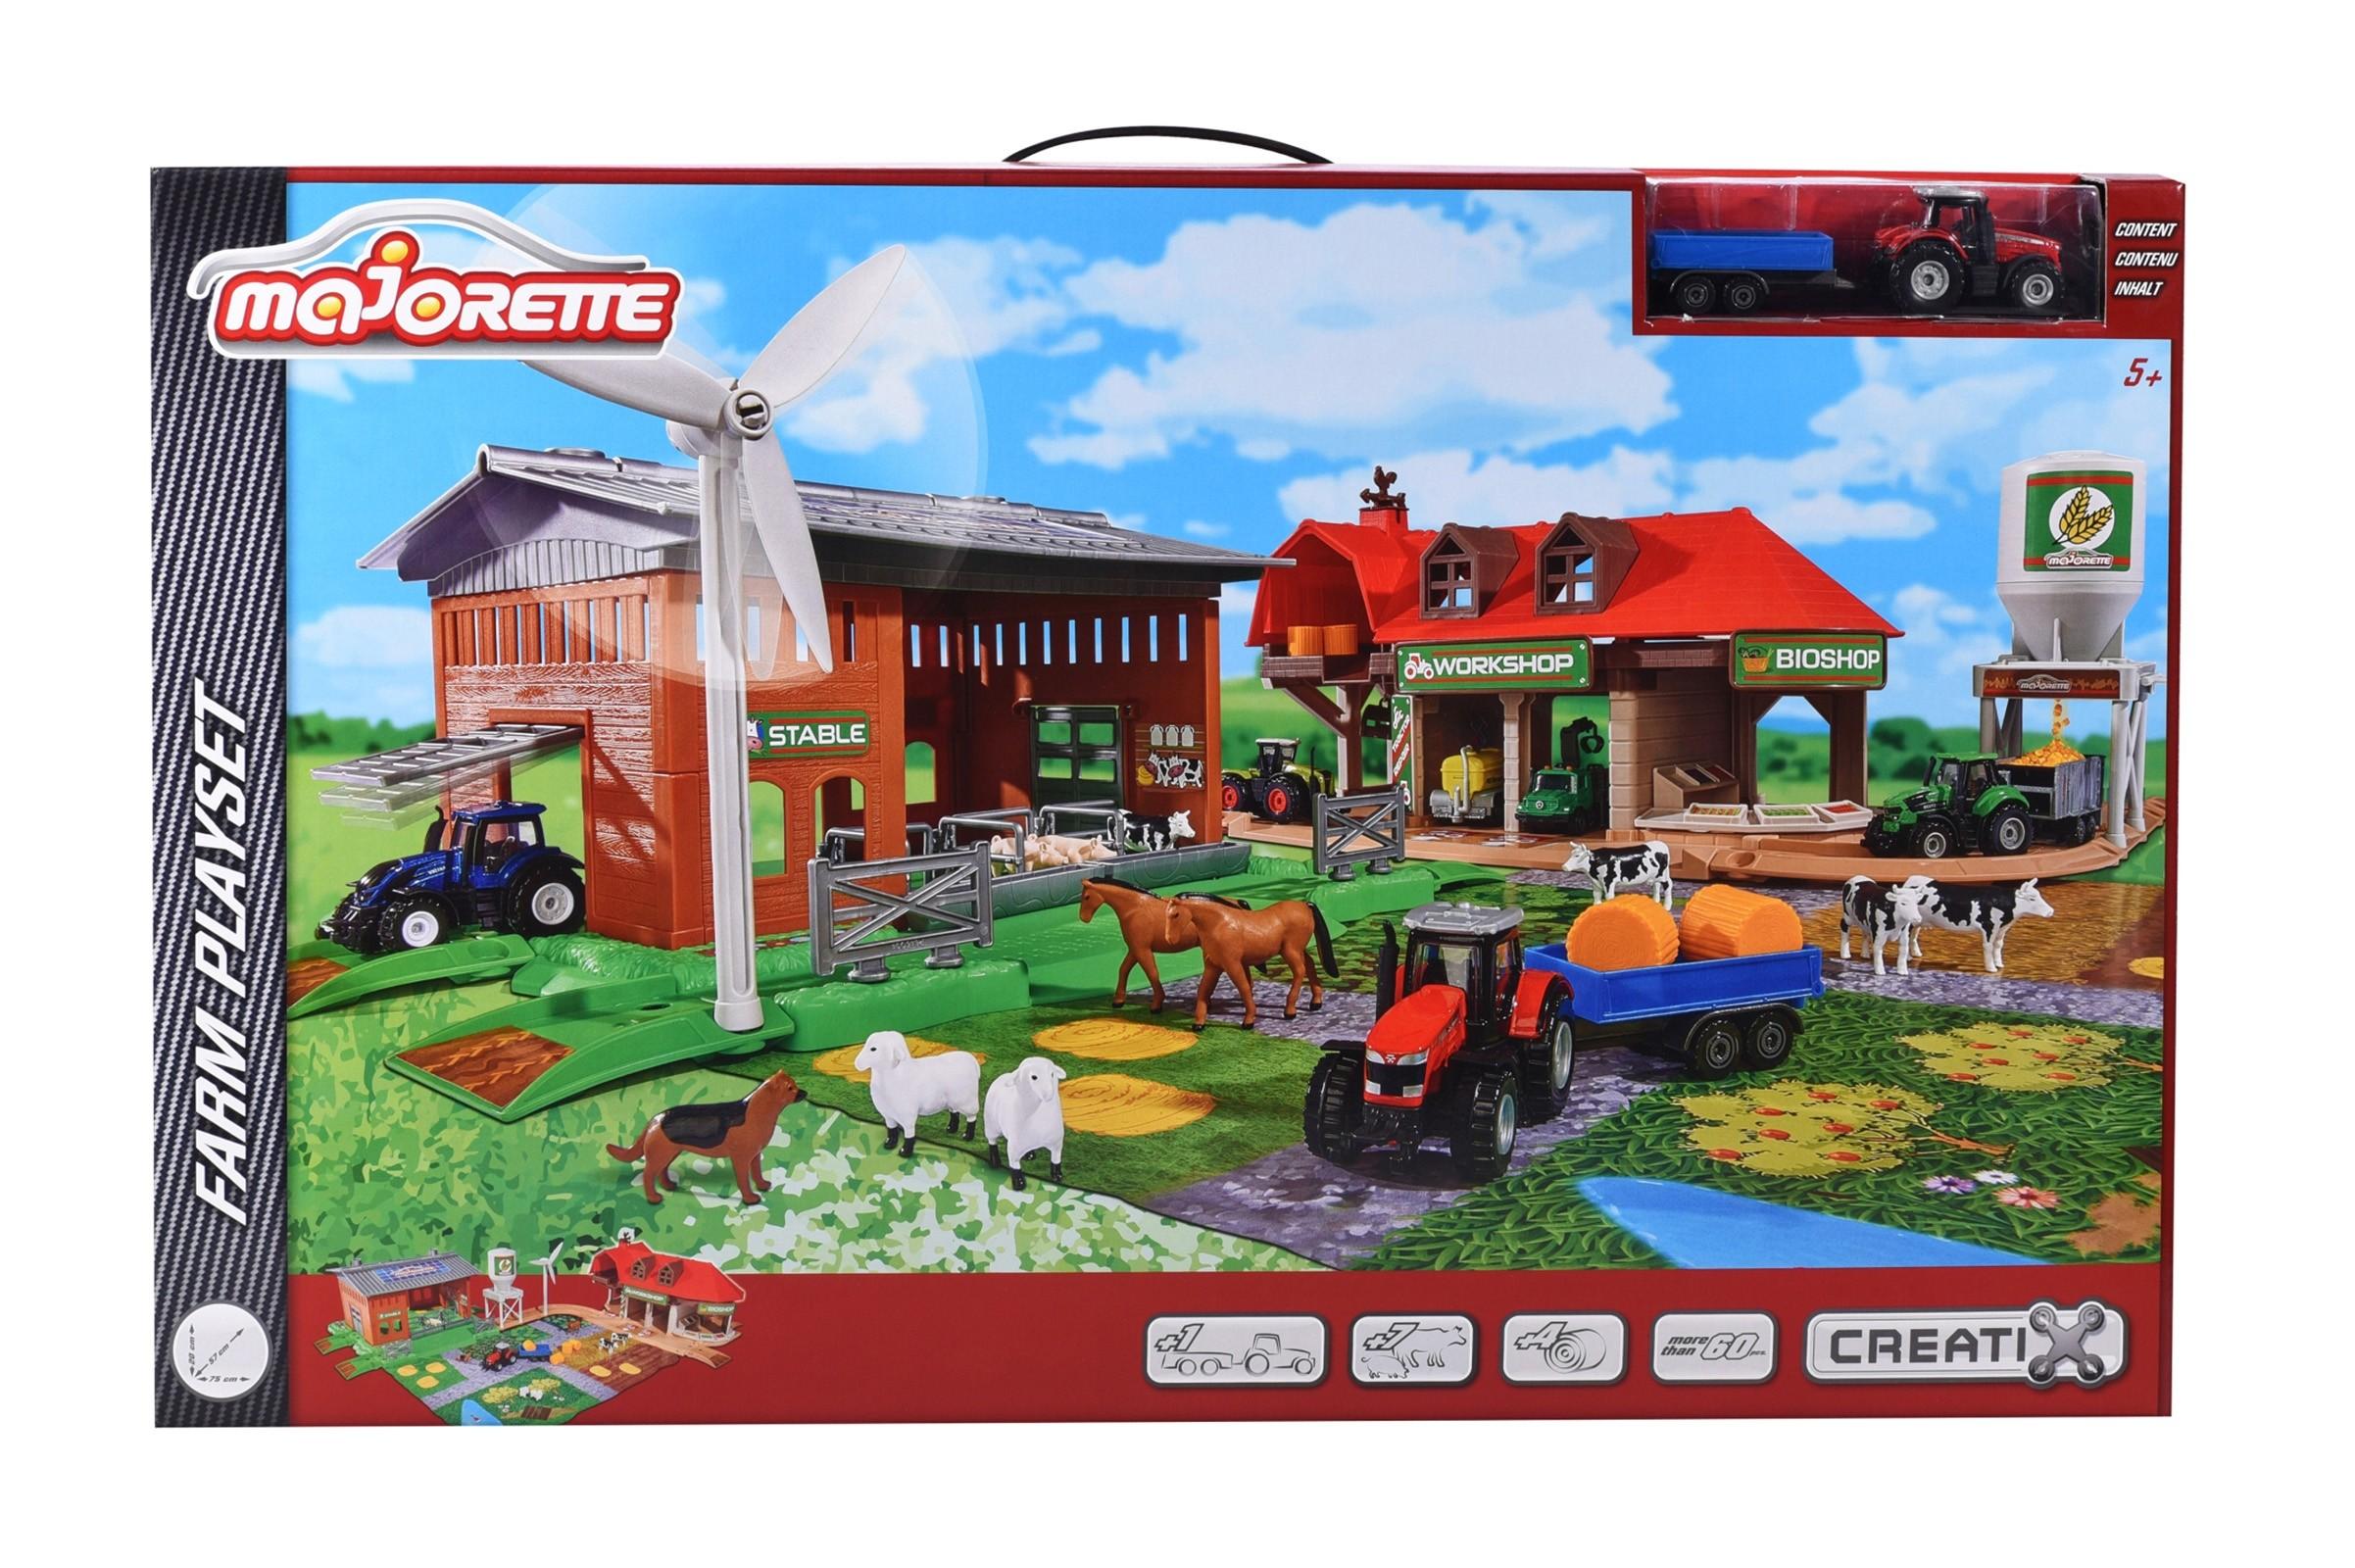 2050006 Majorette Игровой набор - Большая ферма + трактор CREATIX